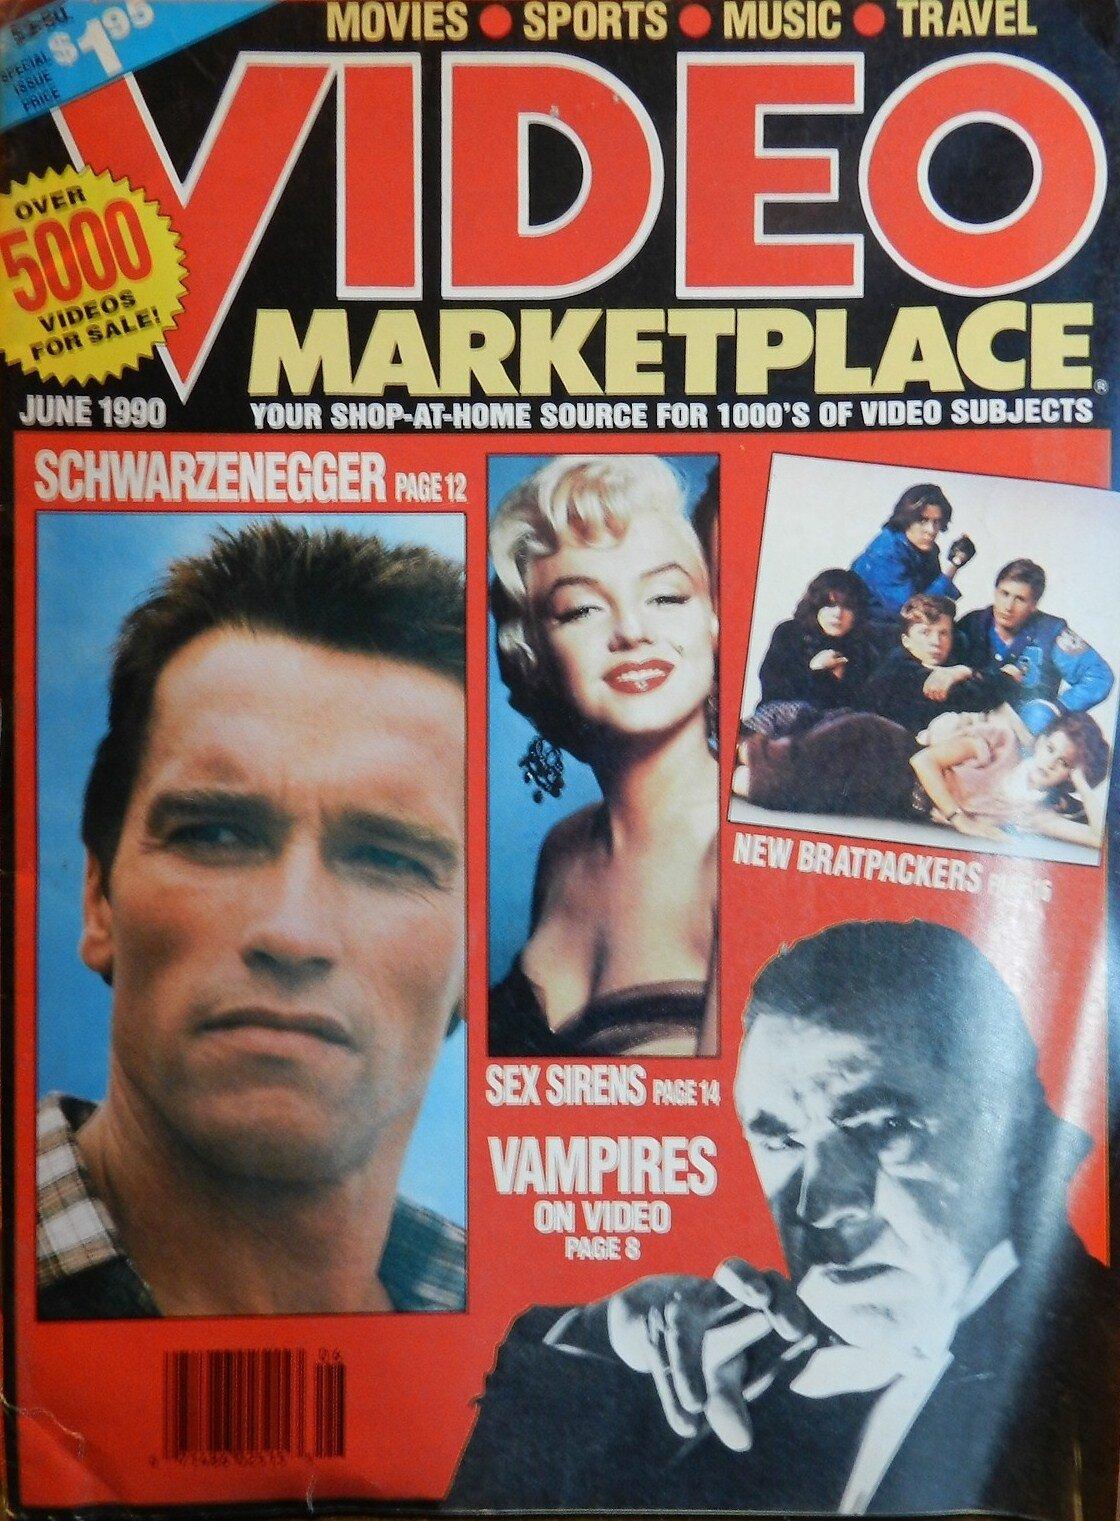 1990-06-videomarketplace-usa